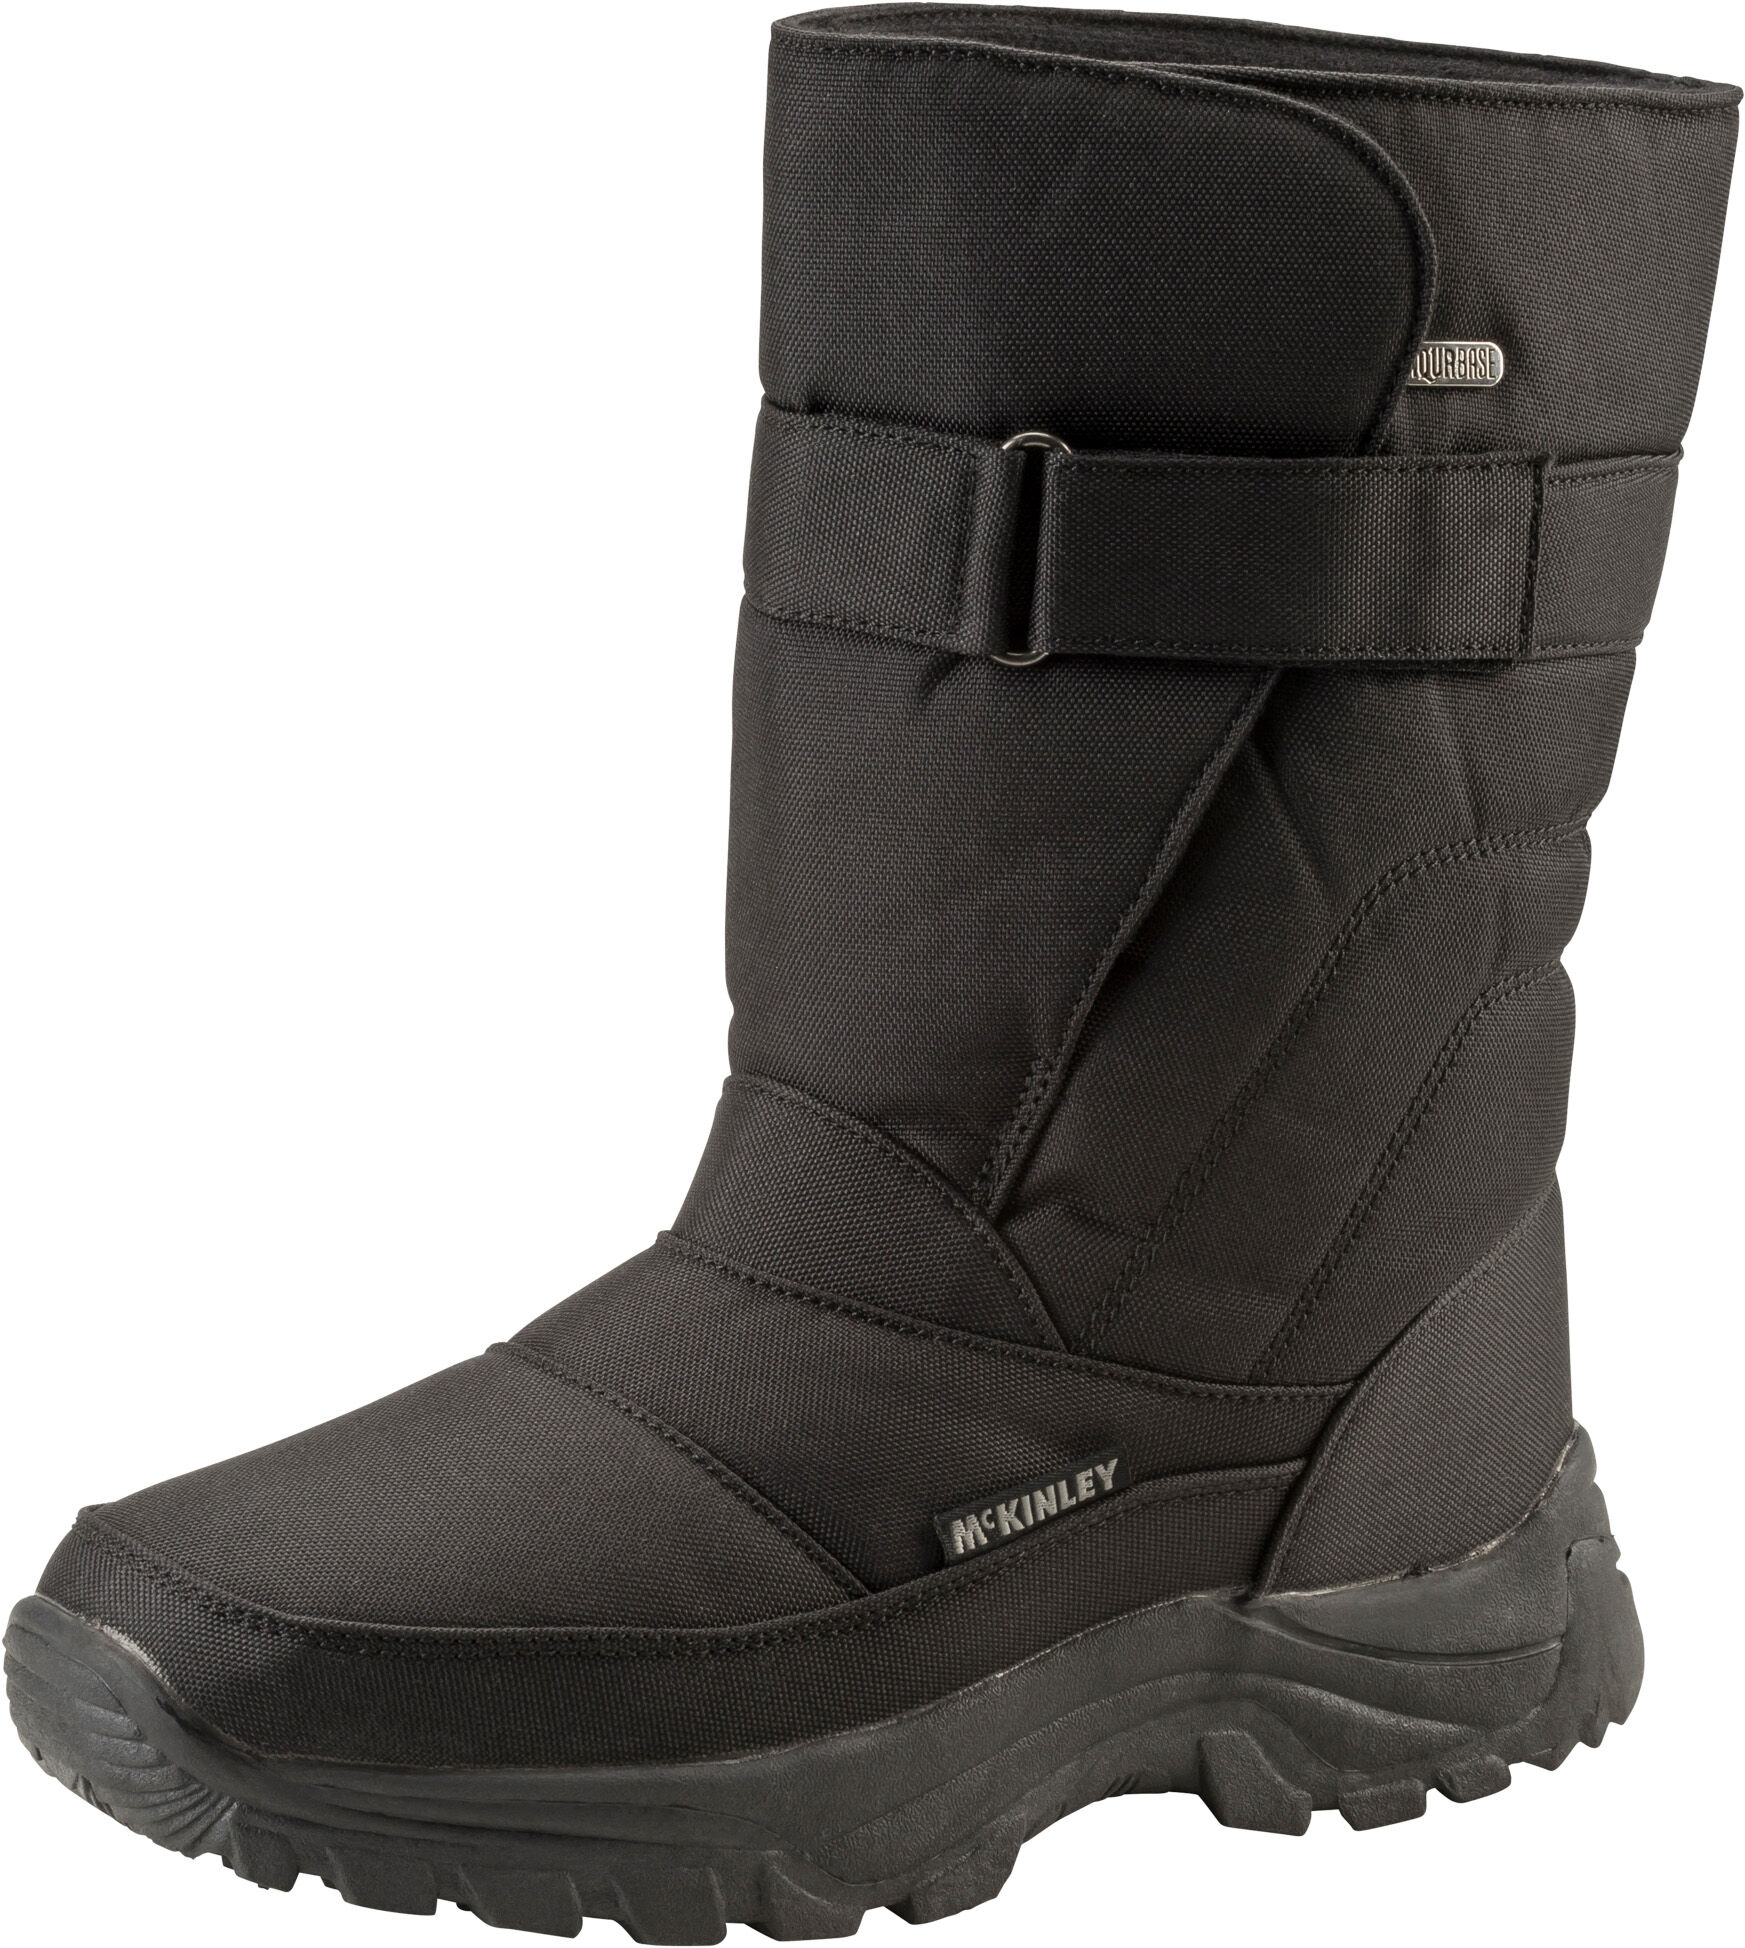 Adidas Gazelle Schuhe, € 60, (1160 Wien) willhaben